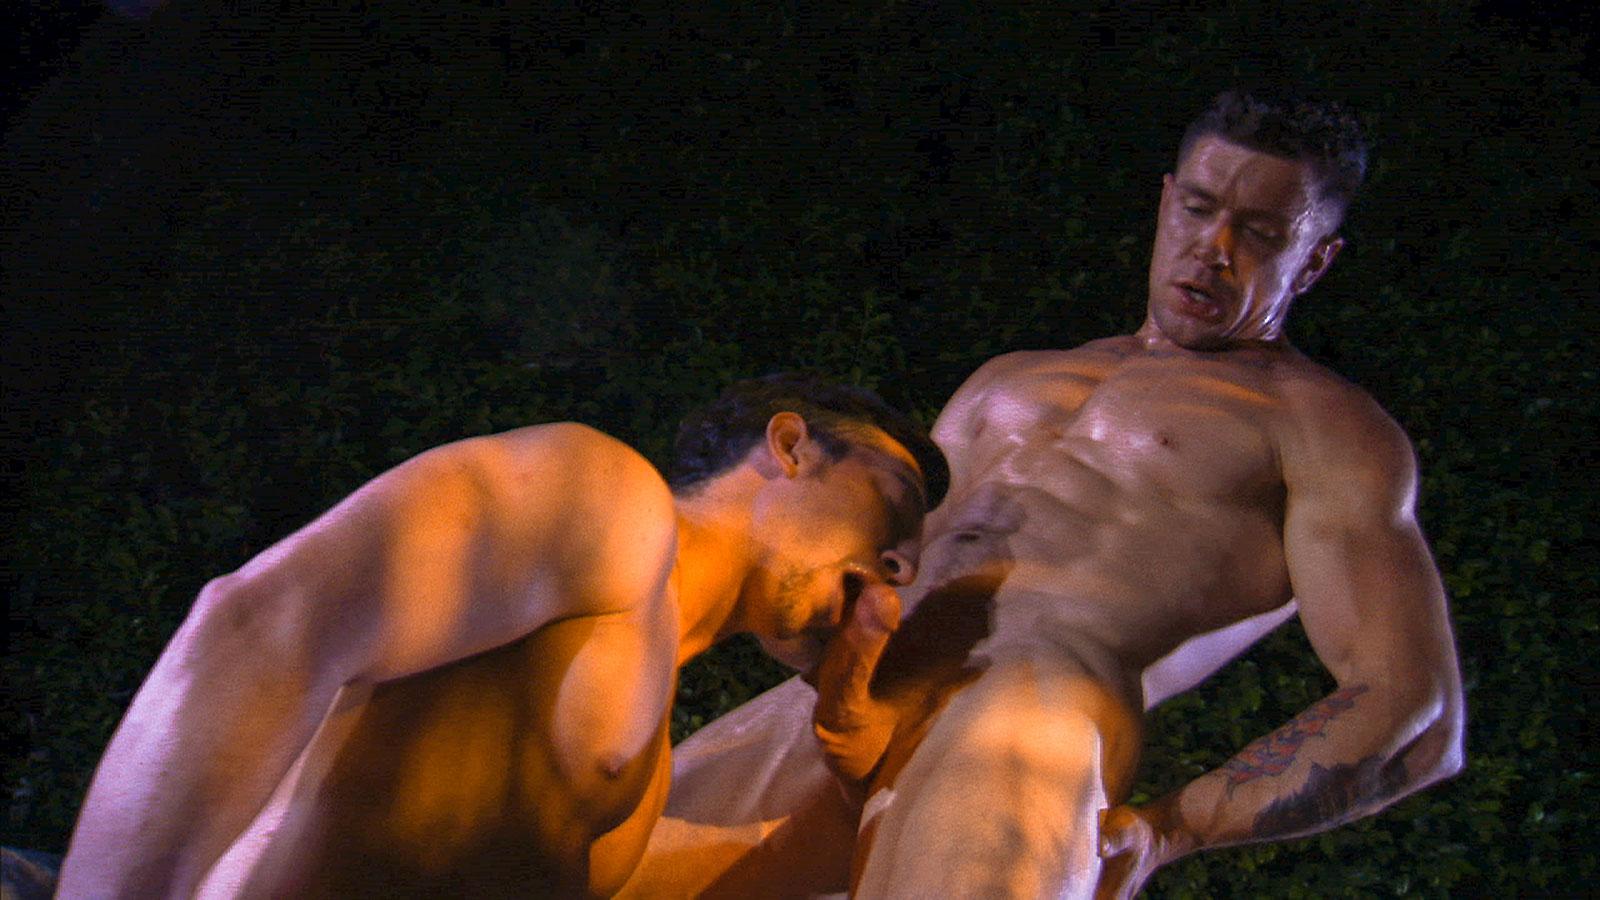 Incubus sex scenes exploited photos